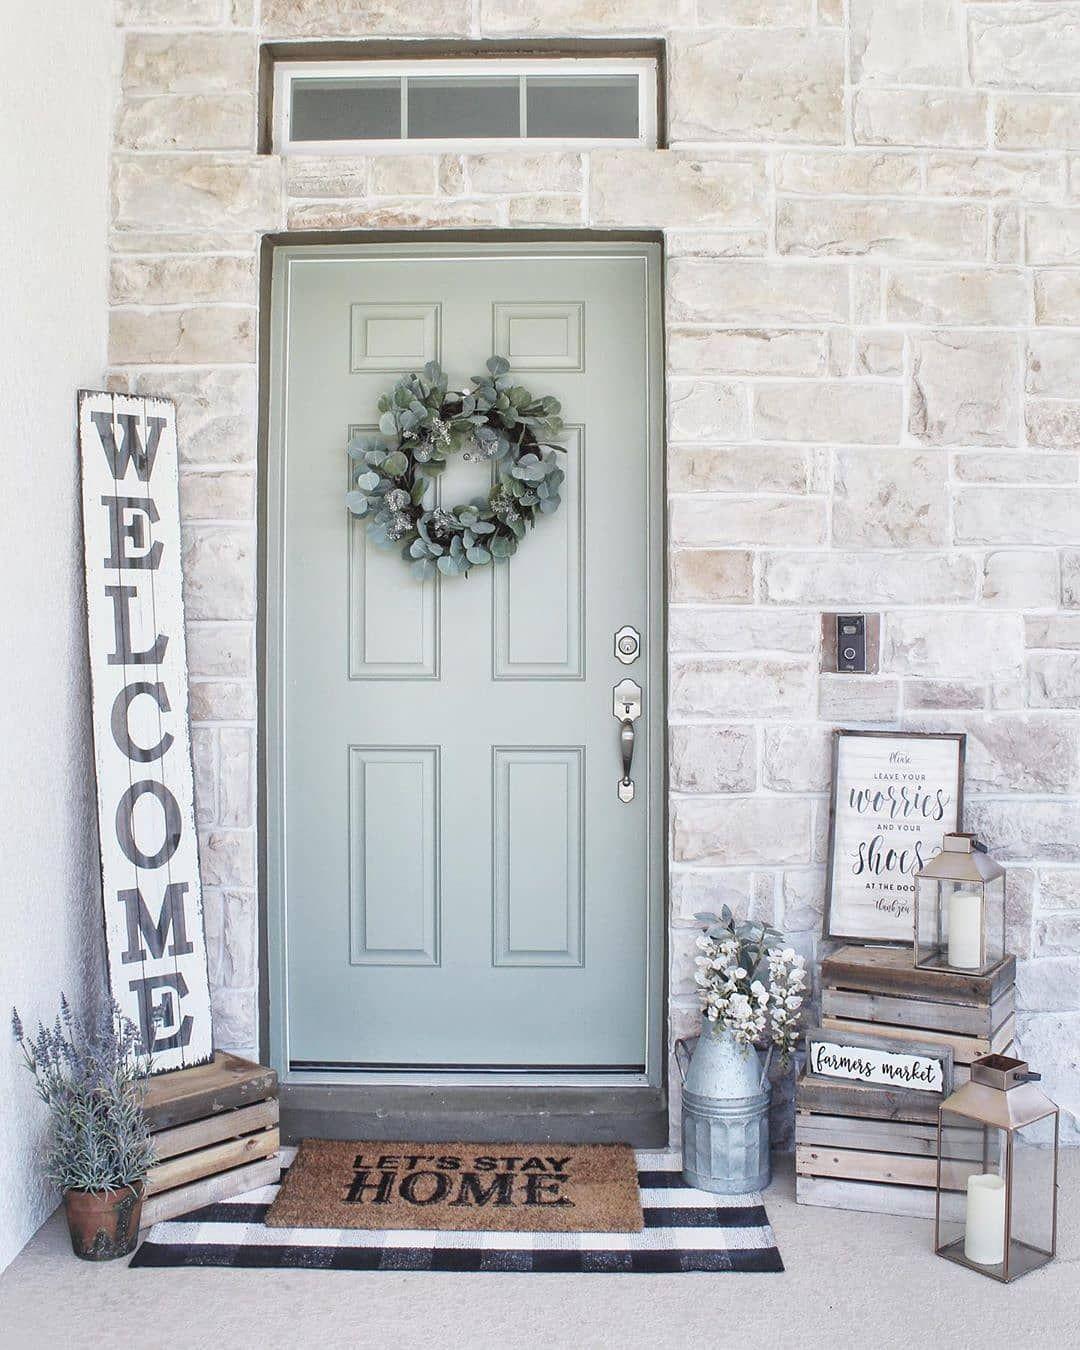 Farmhousehome Decorating Ideas: Farmhouseinteriors On Instagram: Love This Entry